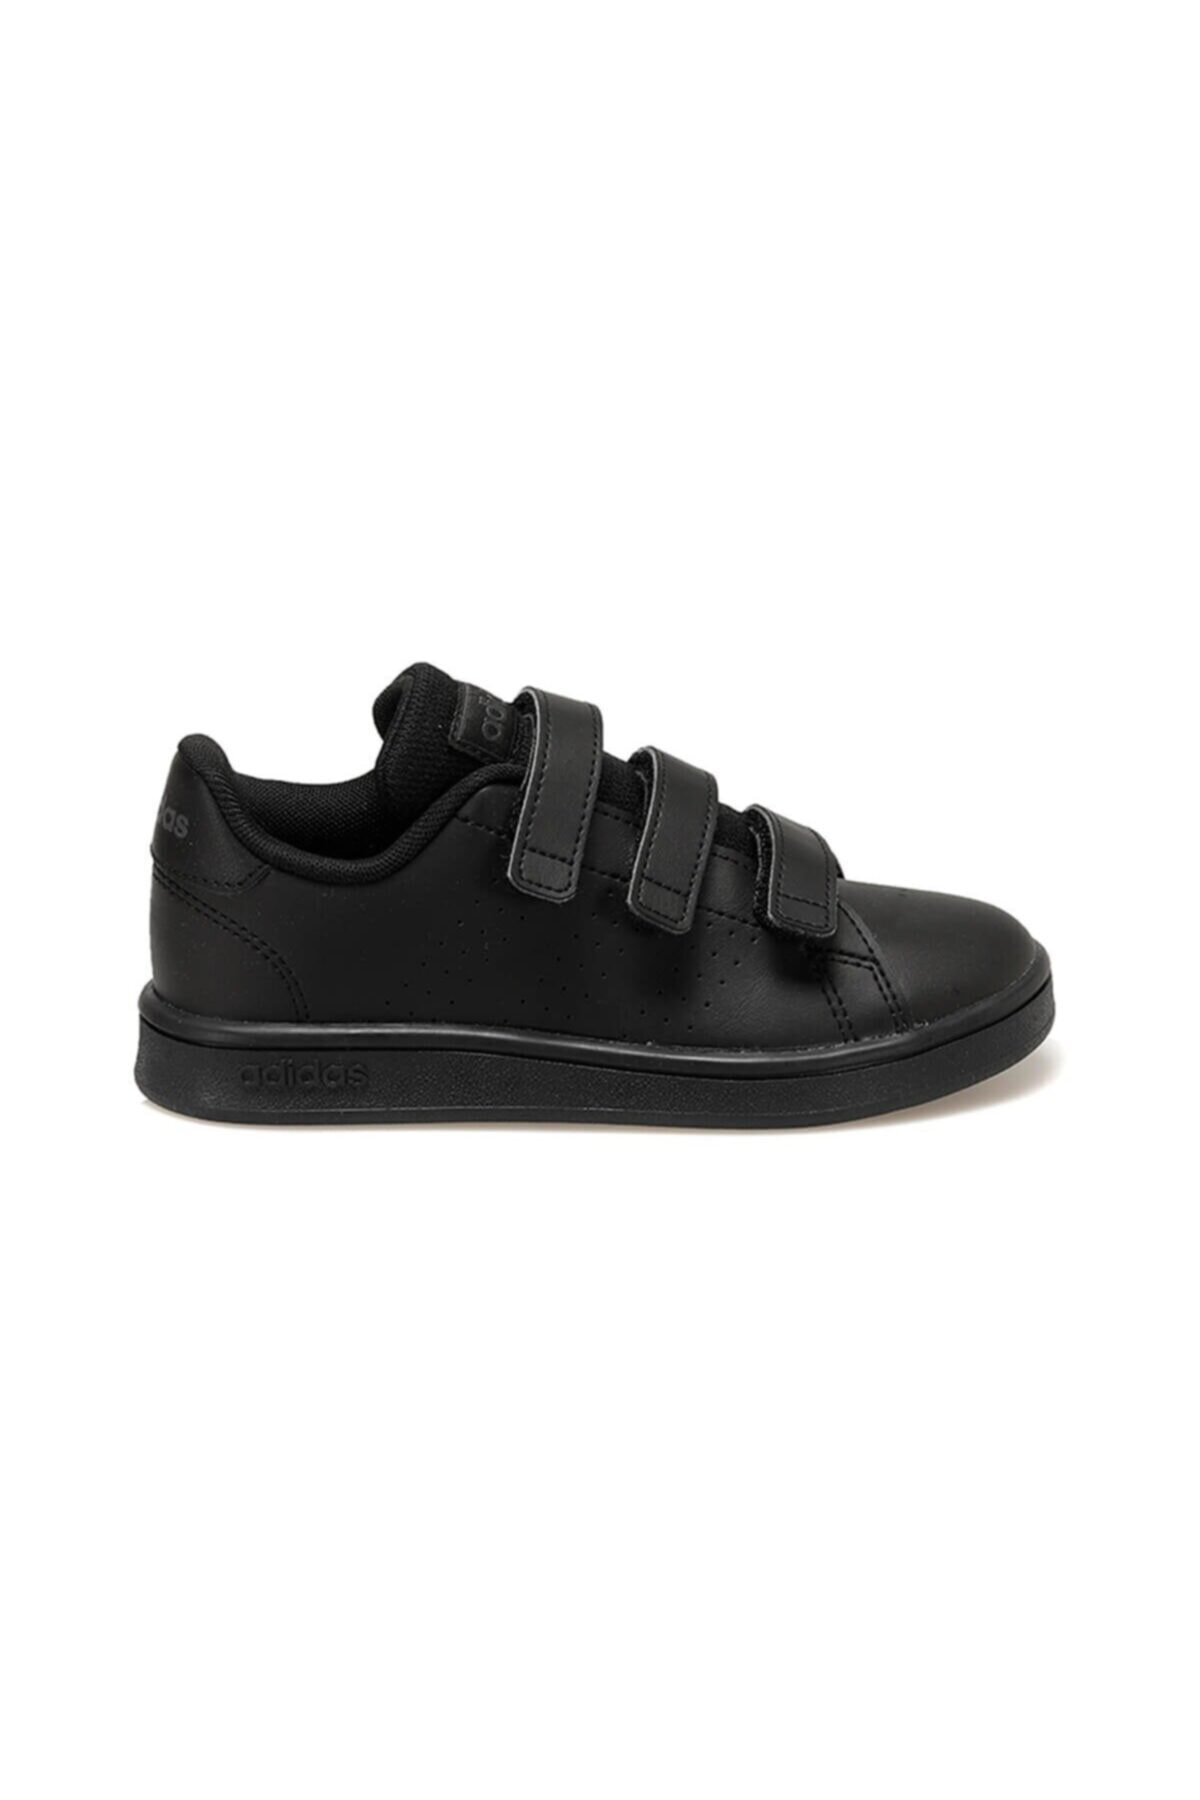 adidas ADVANTAGE Siyah Unisex Çocuk Sneaker Ayakkabı 100481990 2